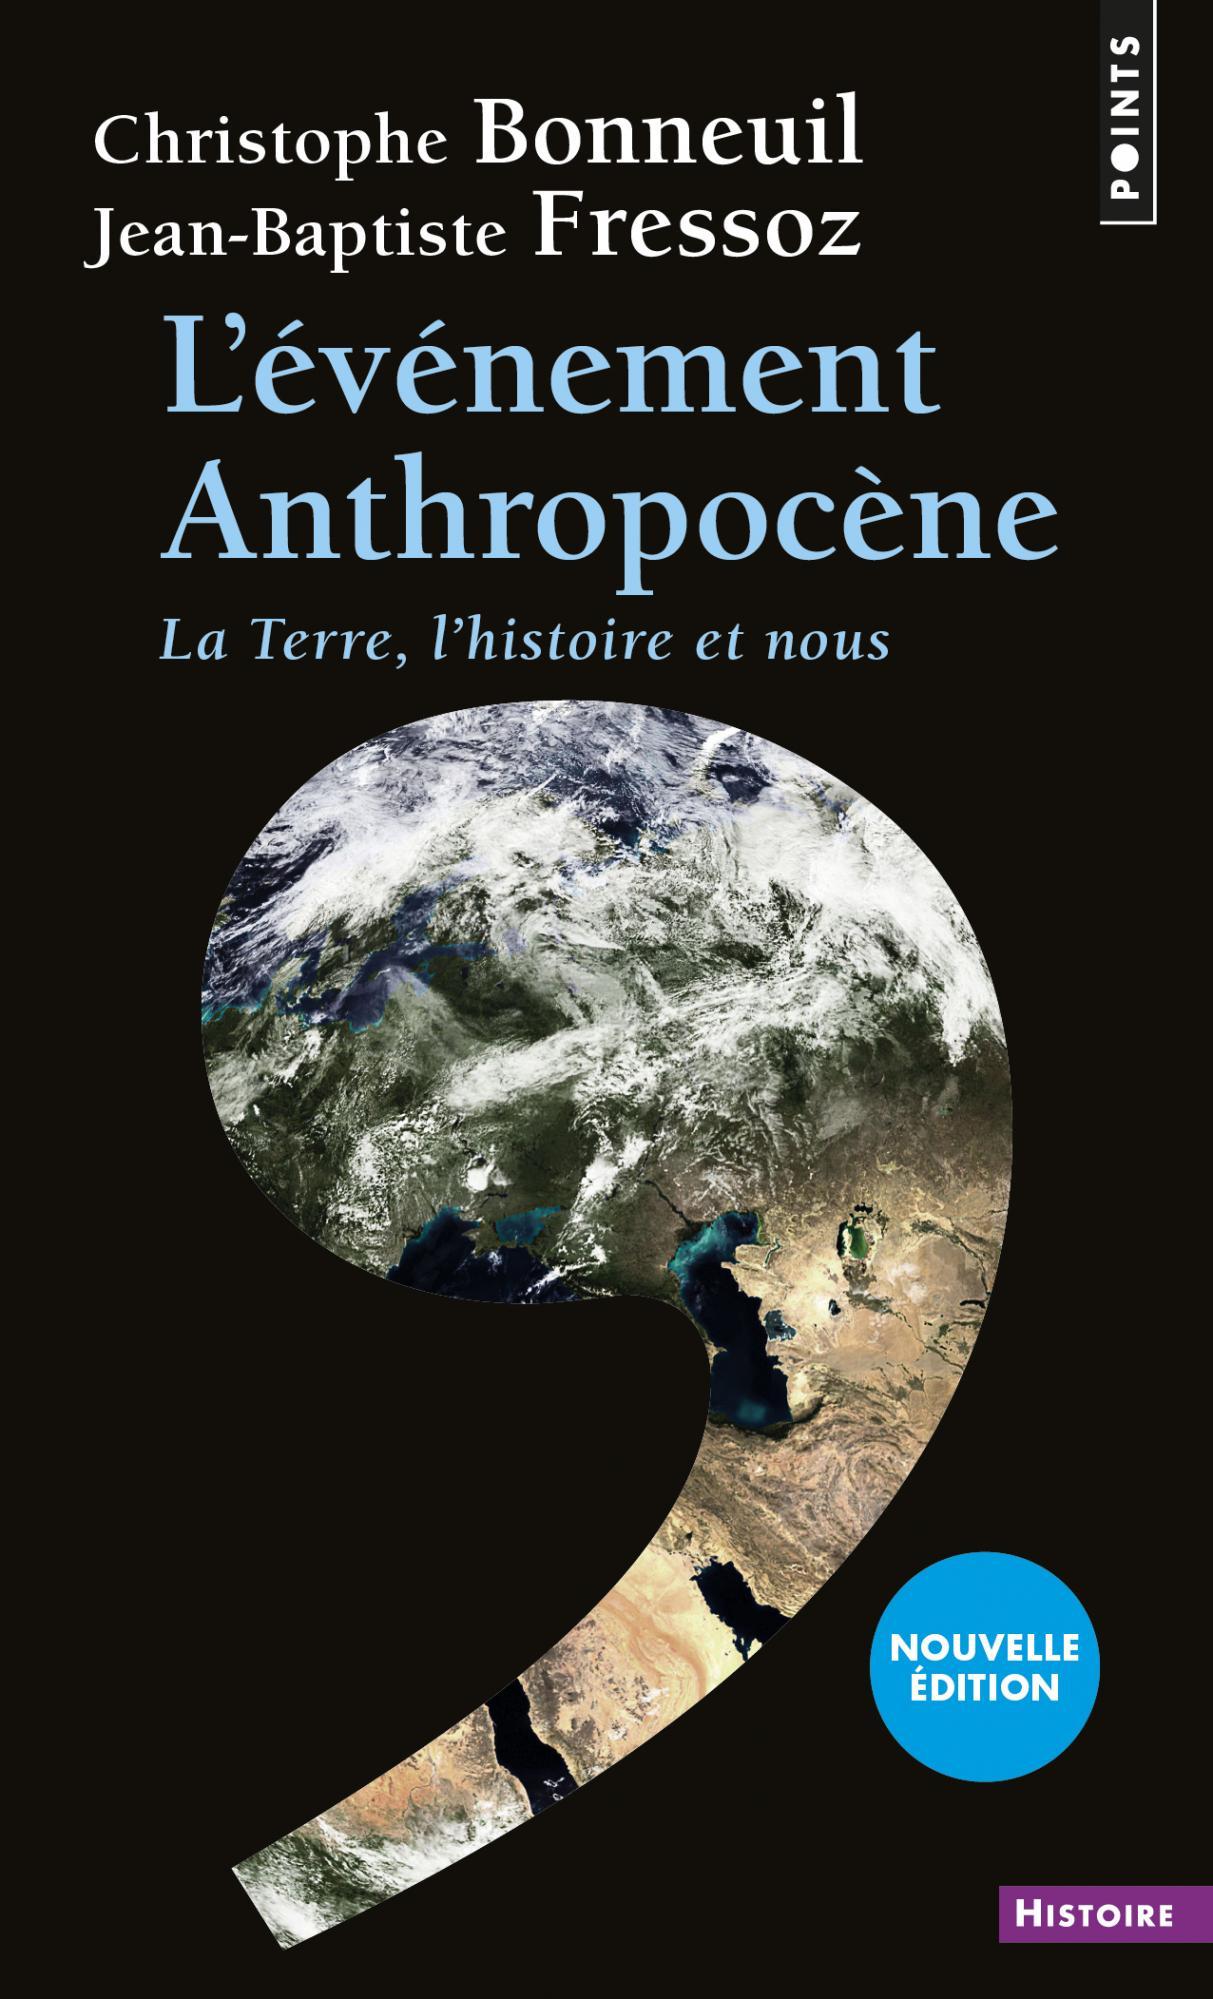 Journée Anthropocène. Penser l'Anthropocène et ses enjeux